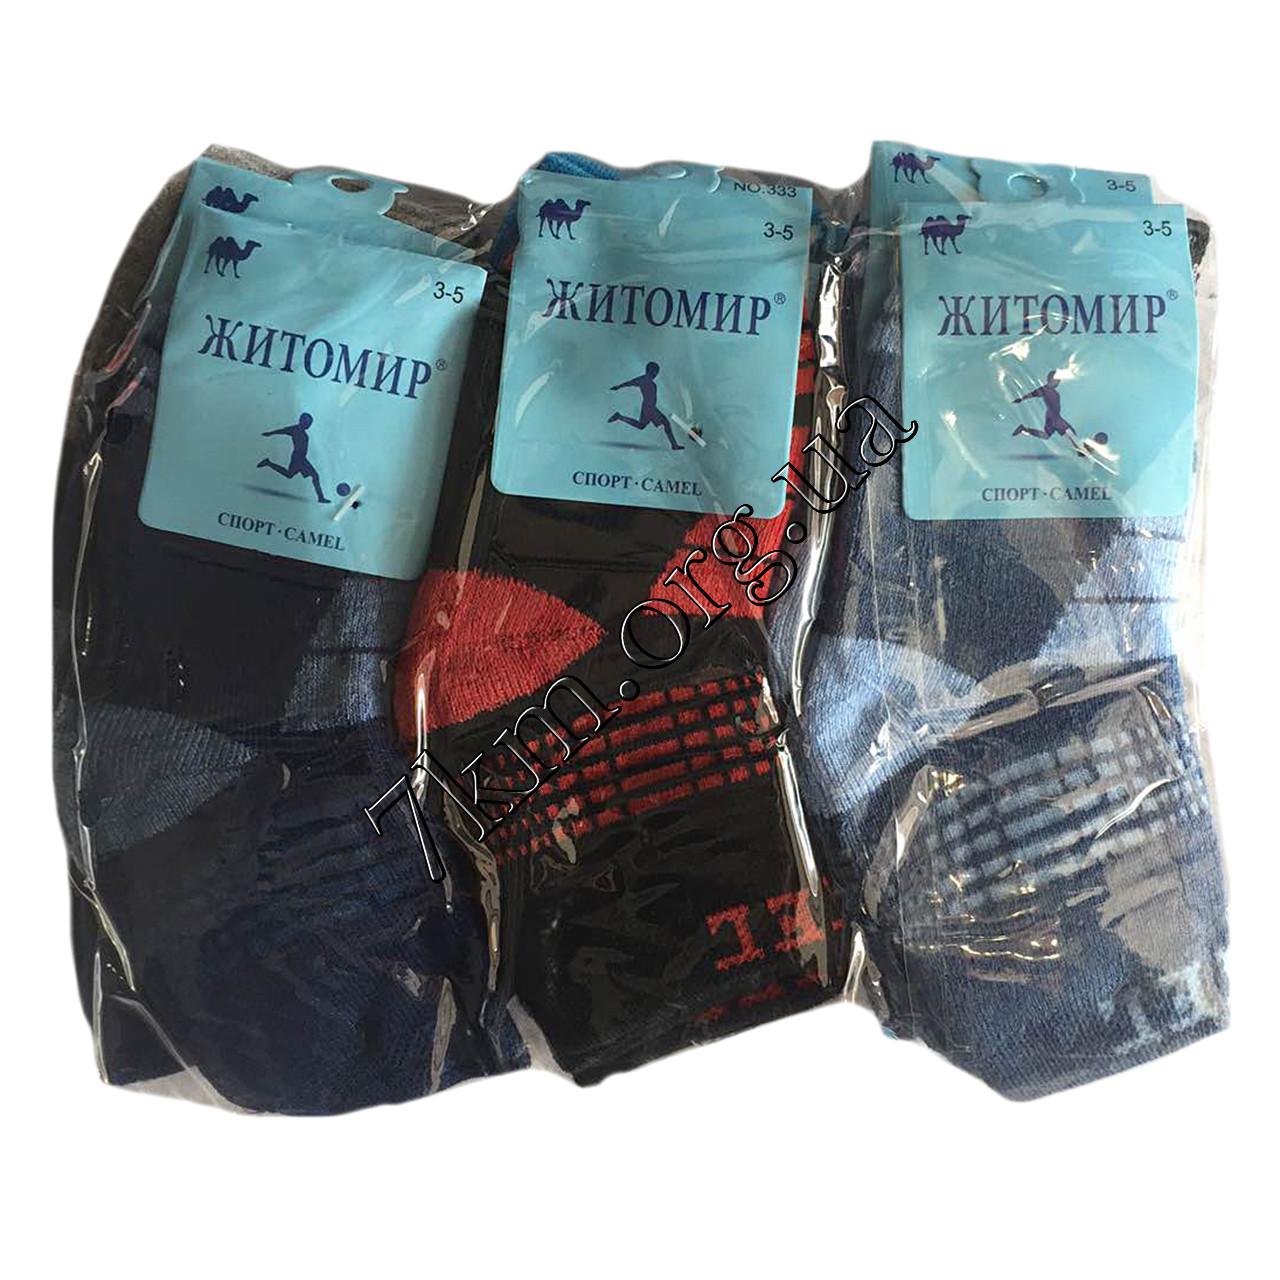 Шкарпетки дитячі махра для хлопчика Житомир 8-12 років Оптом 333